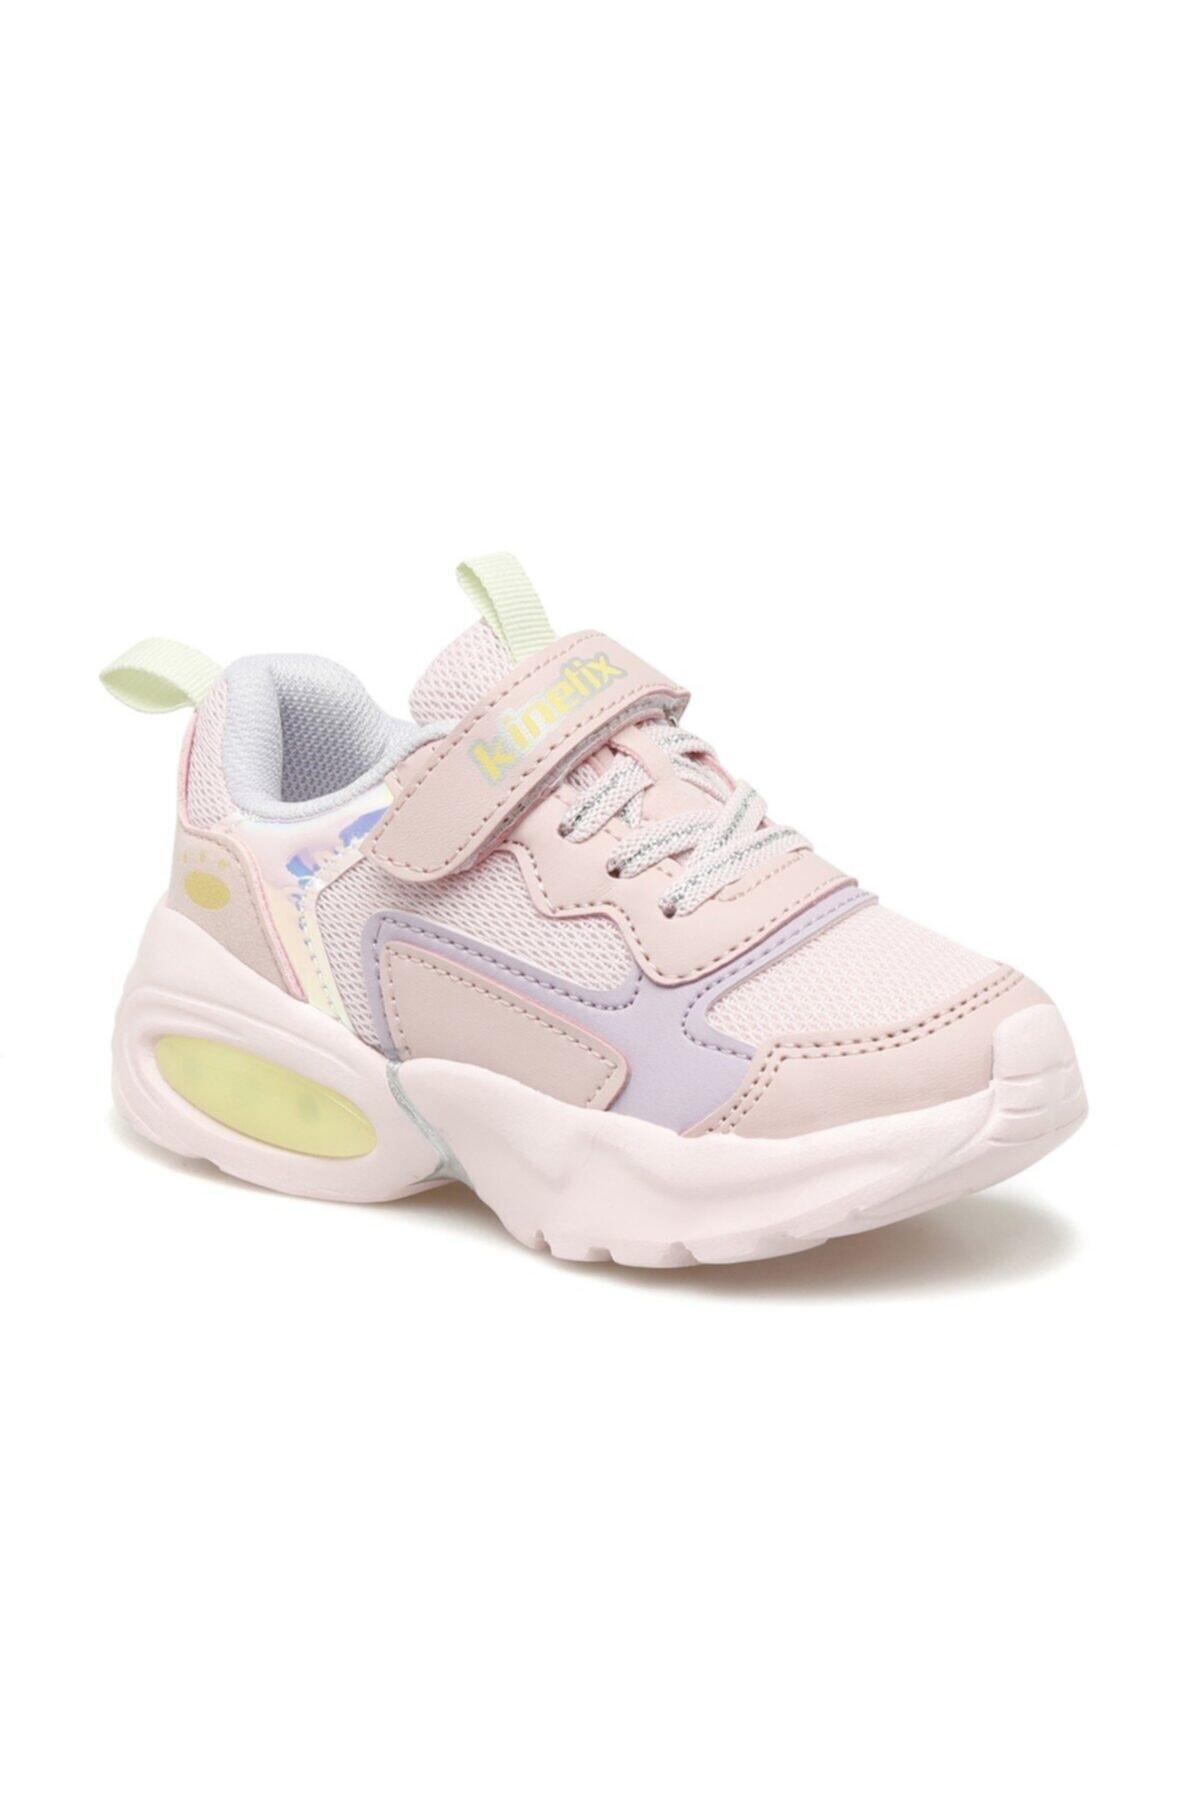 FORBIS 1FX Pembe Kız Çocuk Yürüyüş Ayakkabısı 100584850